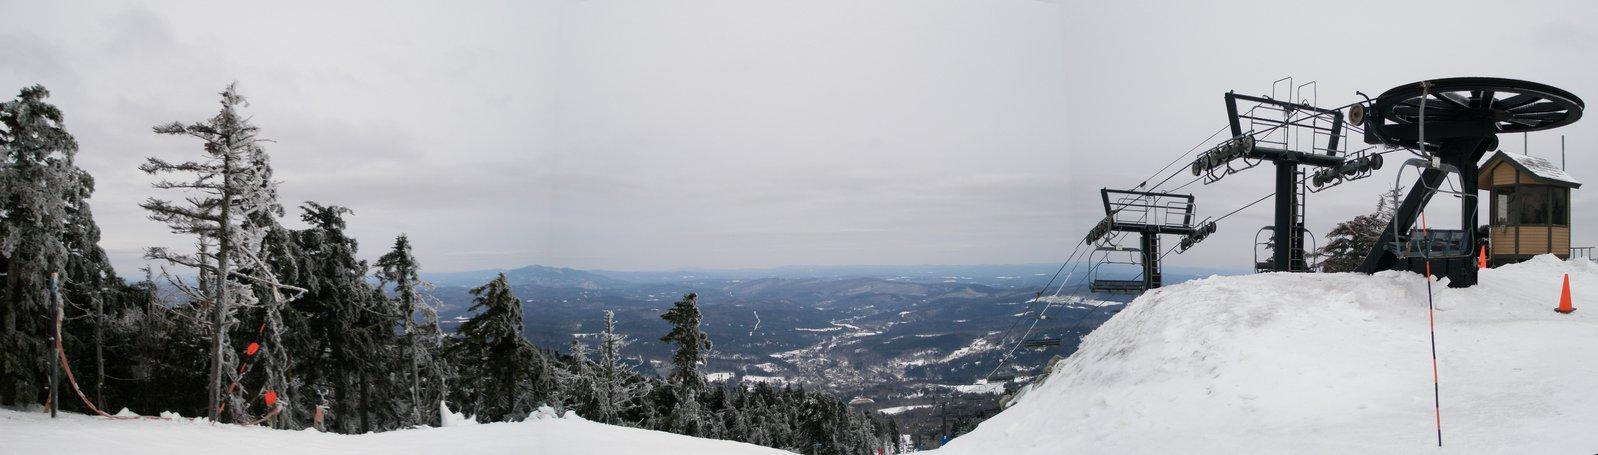 Okemo panoramic